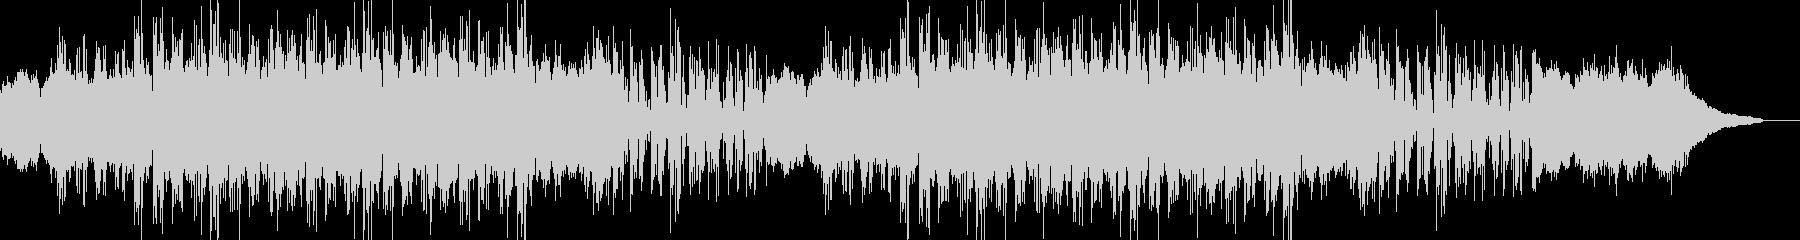 反復されるピアノフレーズとドラムビートの未再生の波形